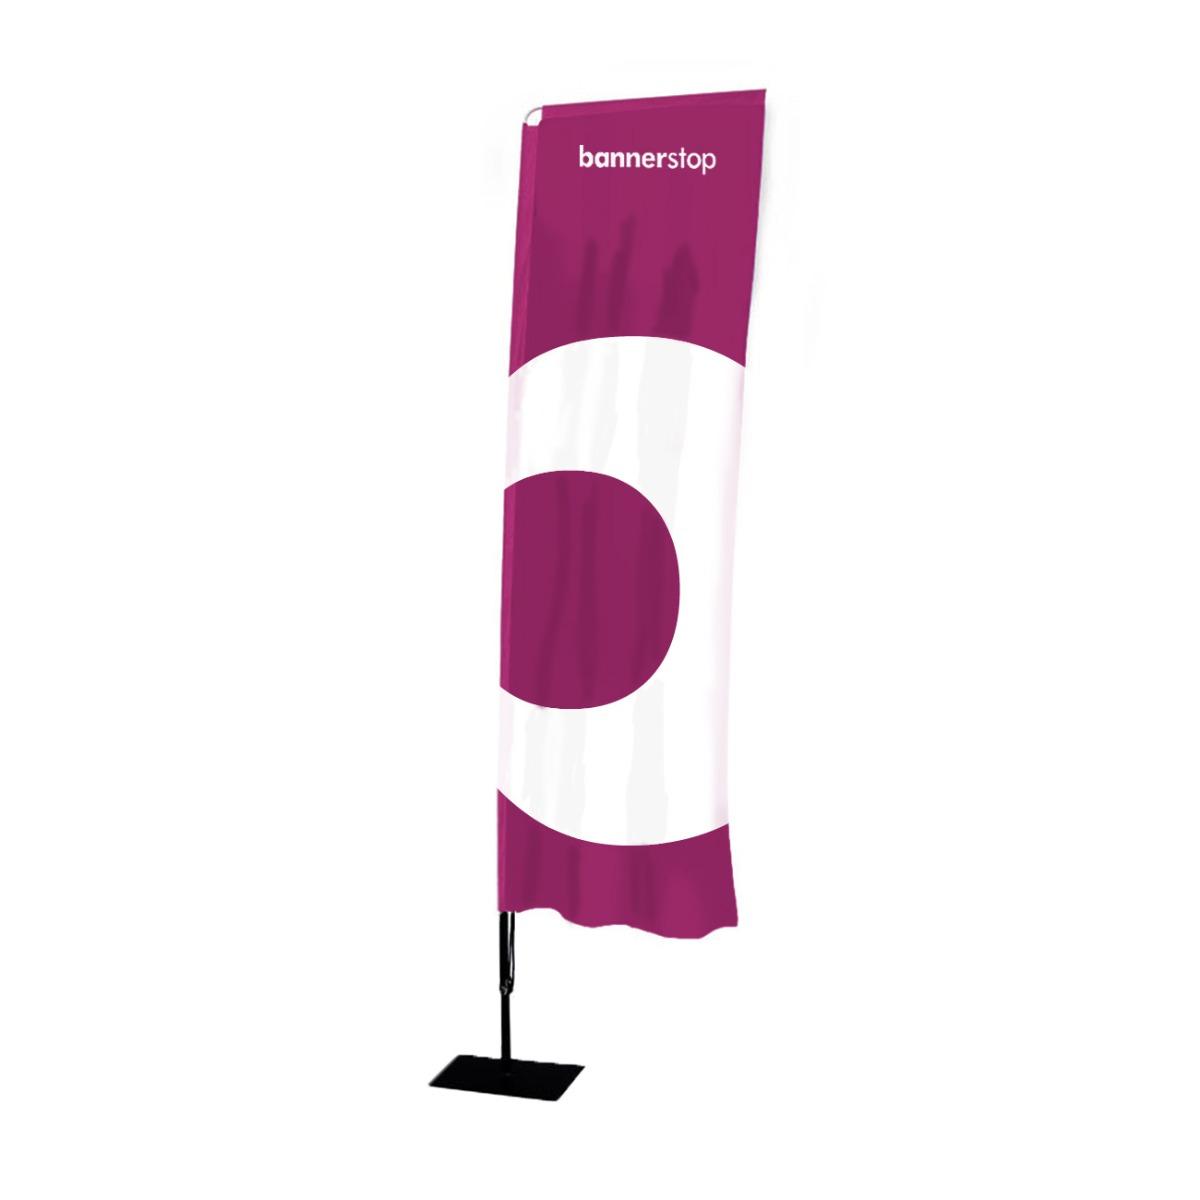 Beachflag Form Geras